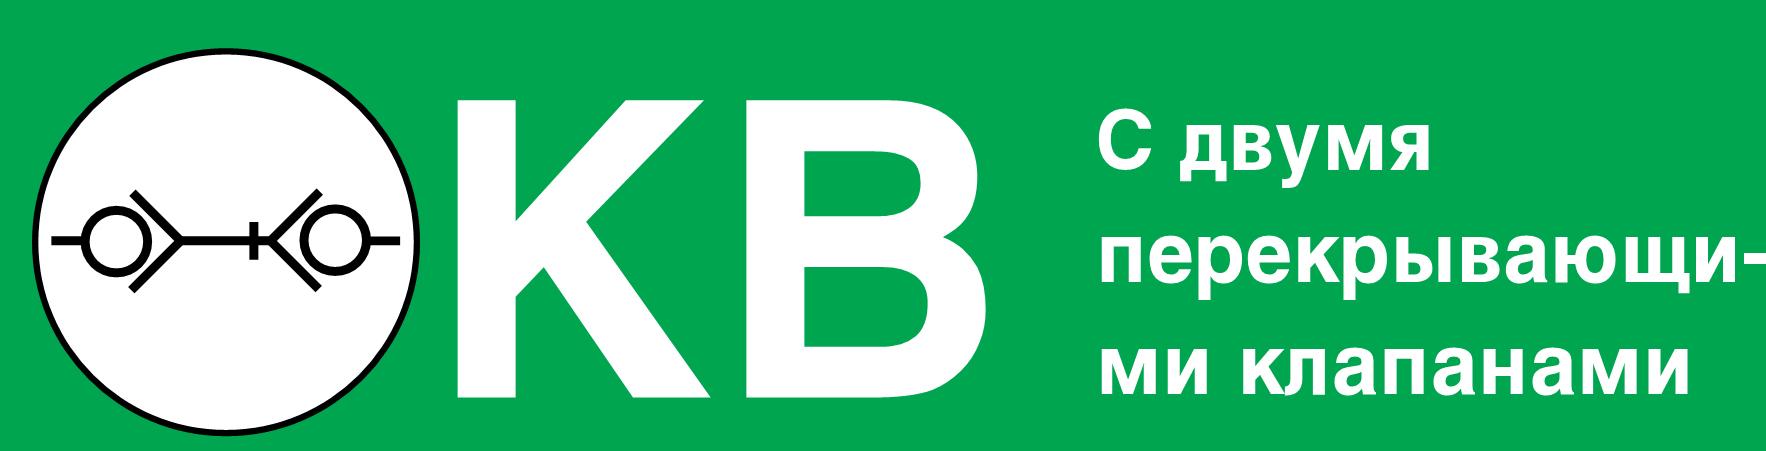 БРС с двухсторонним перекрывающим клапаном